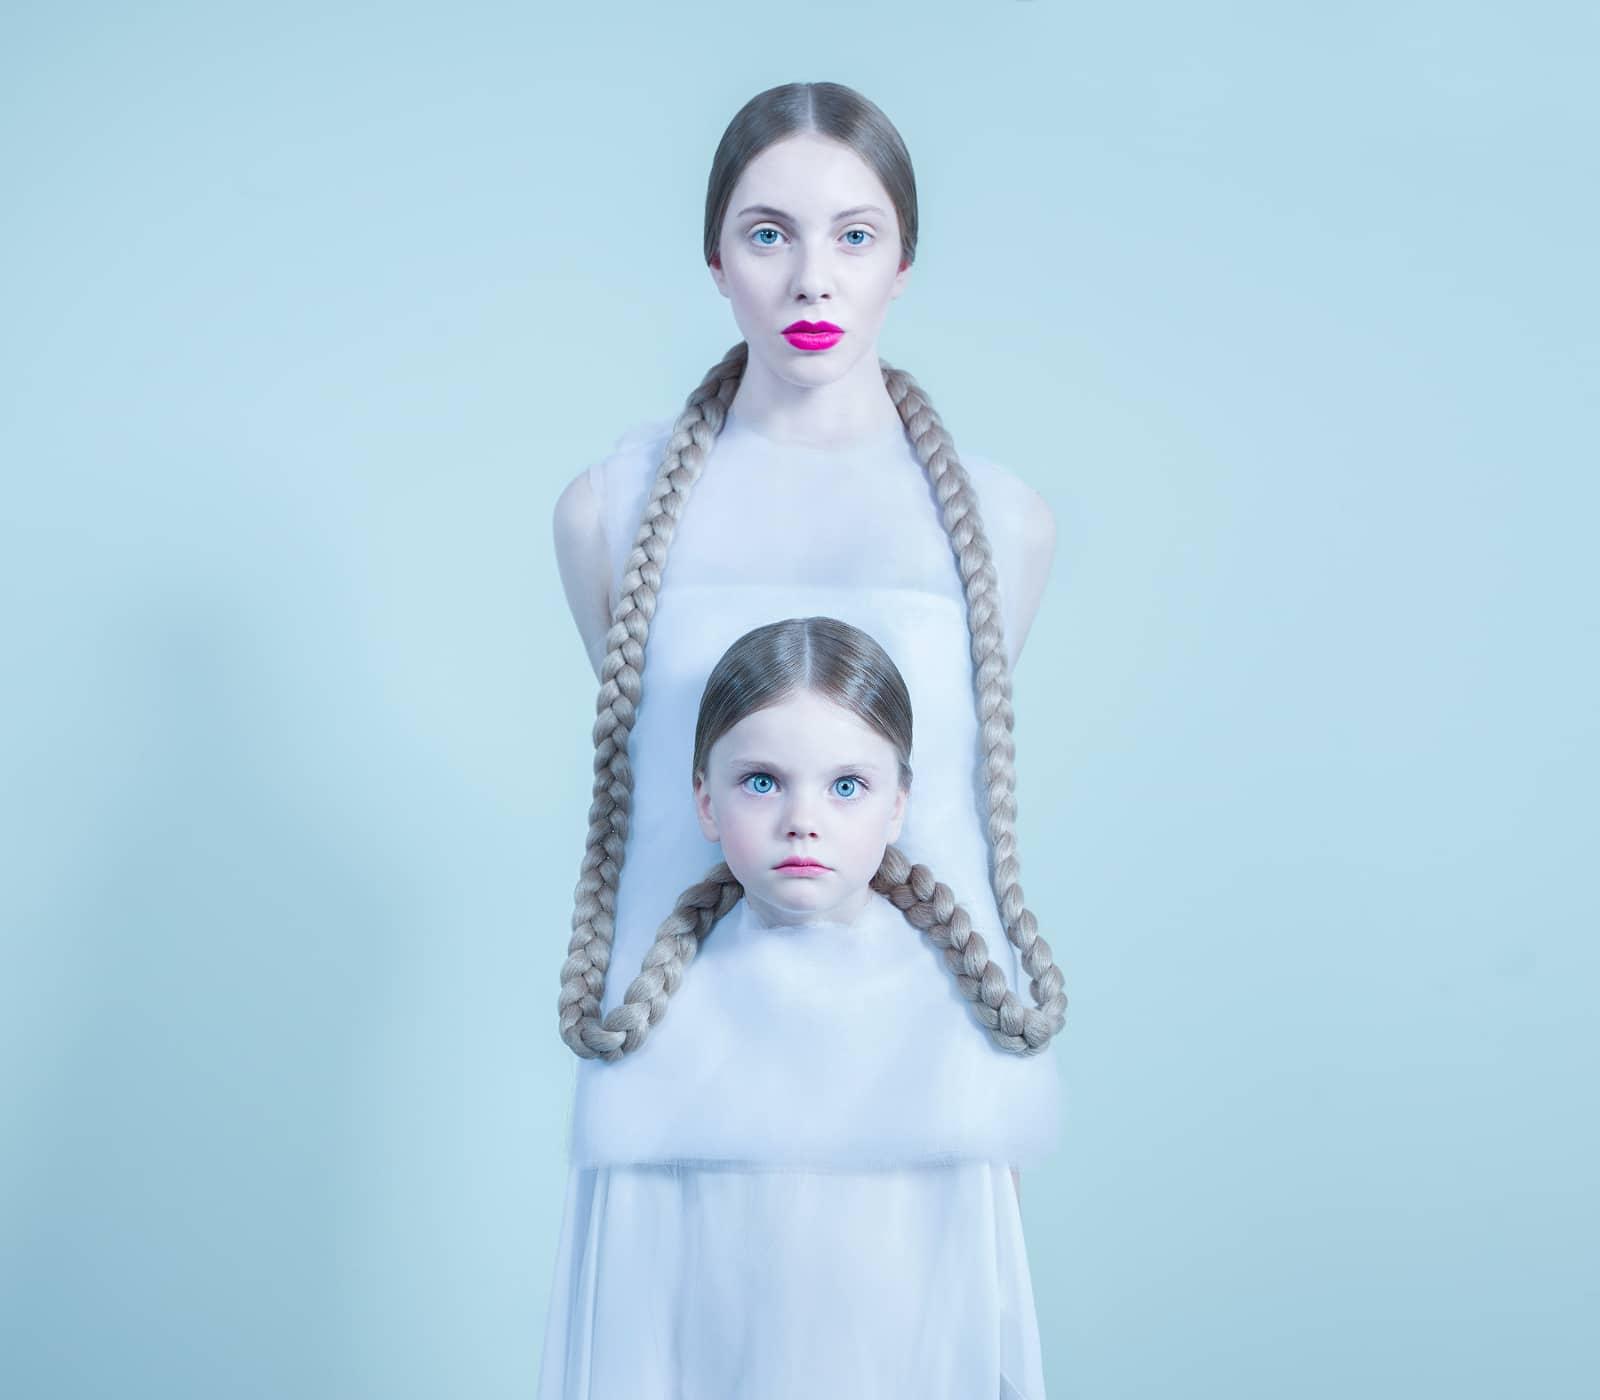 foto: © Bara Prasilova, moeder en dochter met gevlochten haren aan elkaar vast